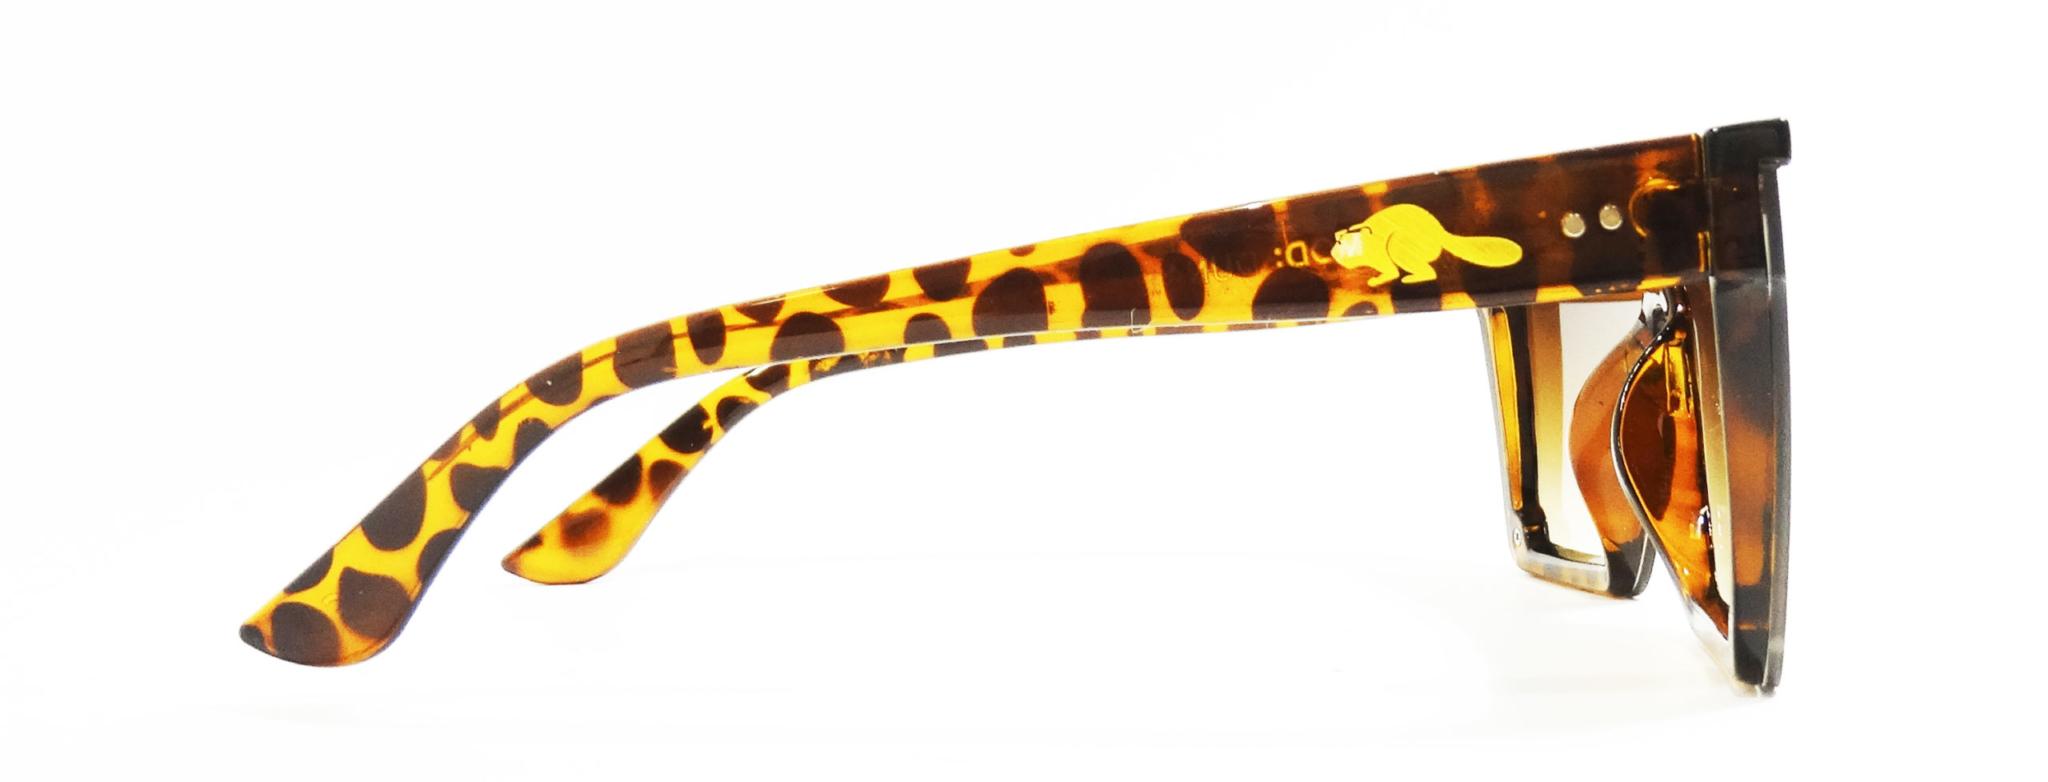 1d55f2f7-241d-gafas-de-sol